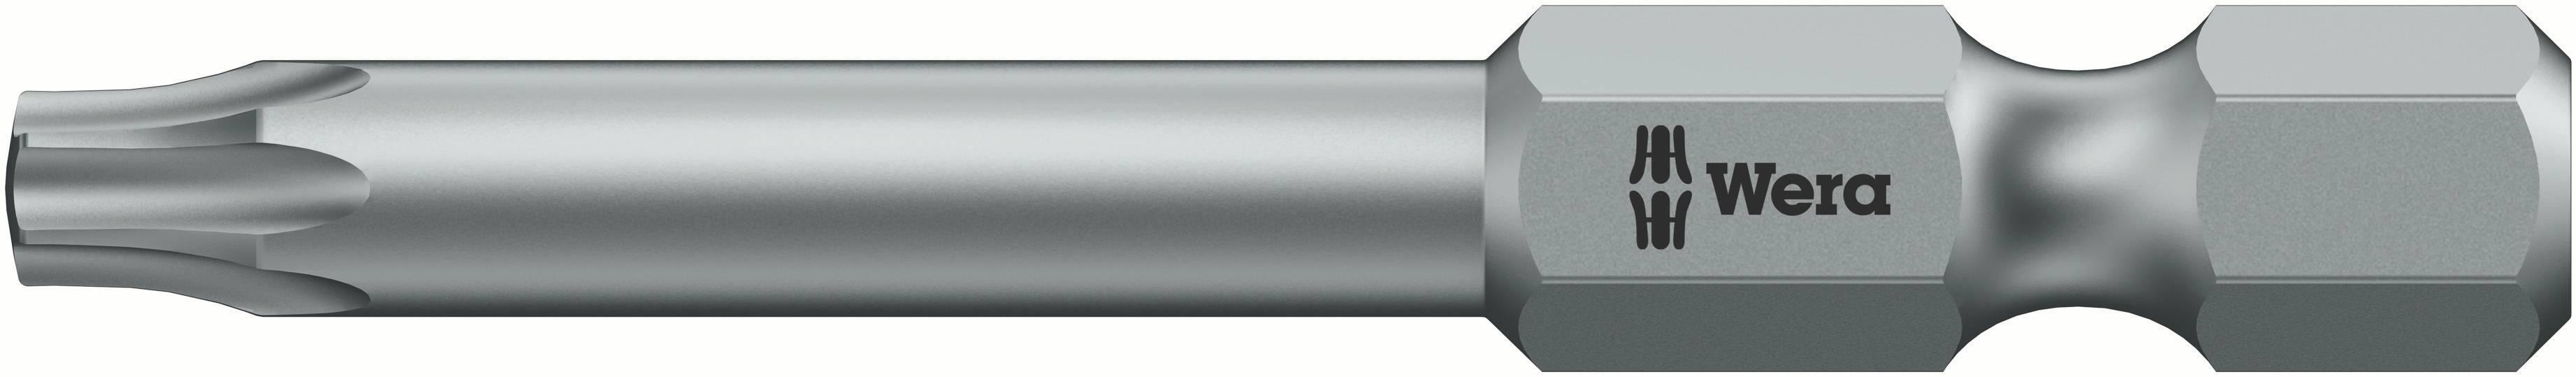 Bit Torx Wera 867 / 4 Z TORX 25 X 70 MM 05060115001, 70 mm, nástrojová oceľ, legované, 1 ks